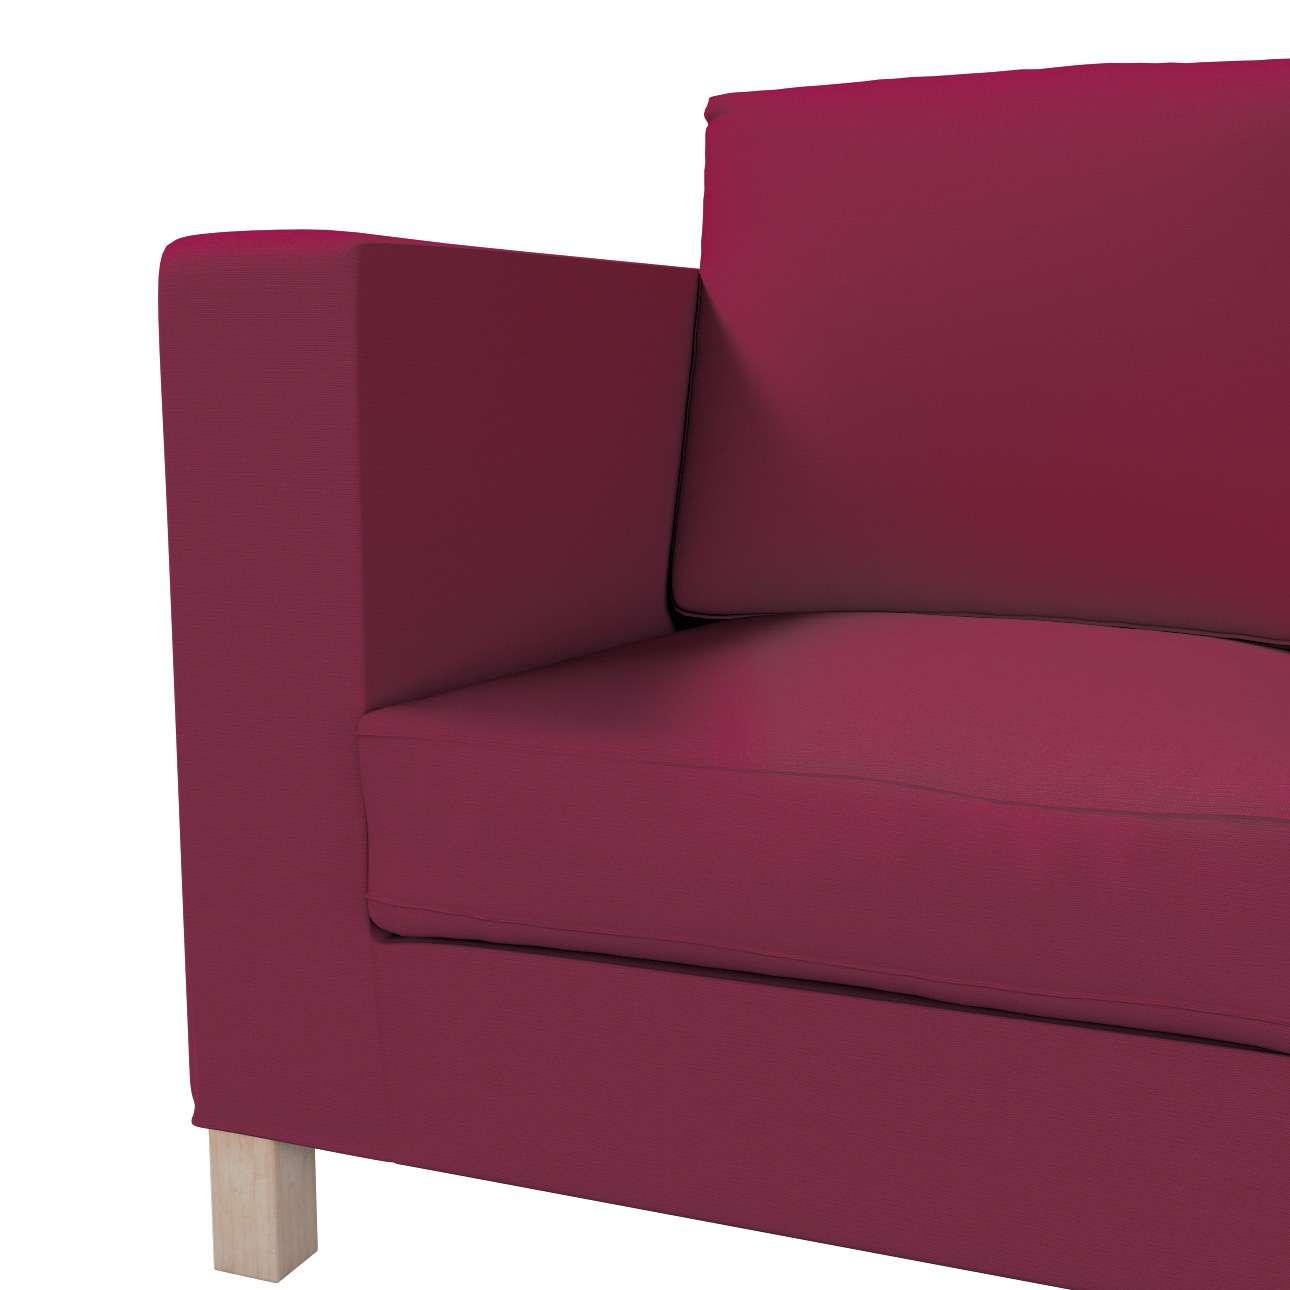 Bezug für Karlanda 3-Sitzer Sofa nicht ausklappbar, kurz von der Kollektion Cotton Panama, Stoff: 702-32